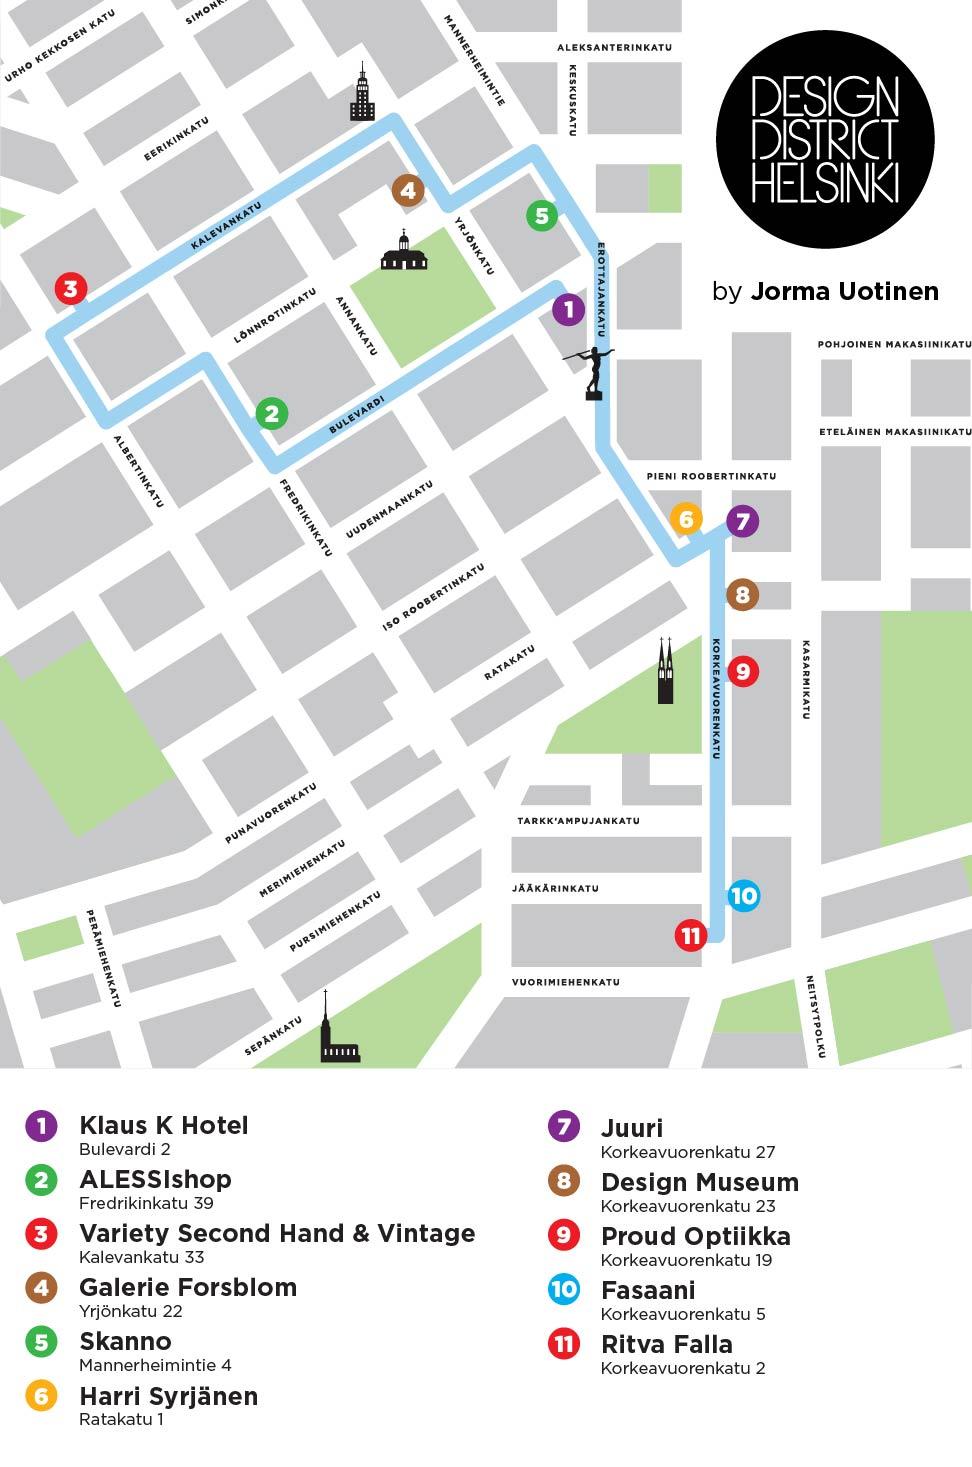 Design District Helsinki By Jorma Uotinen Design